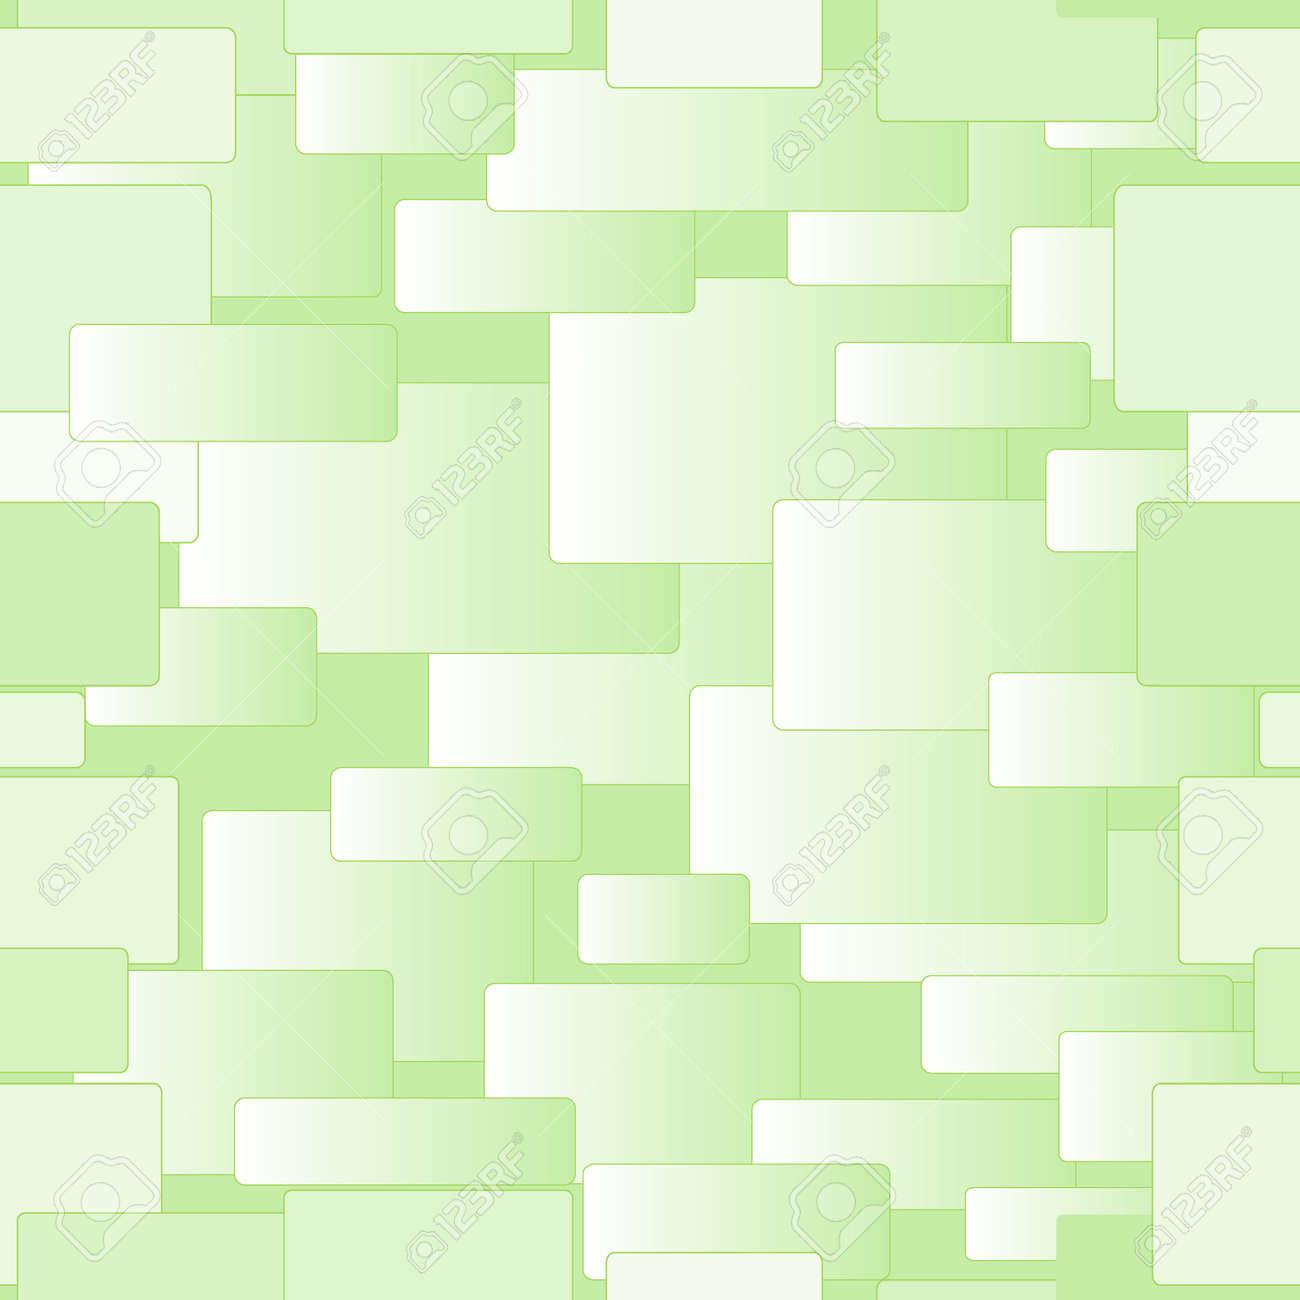 Moderner Geometrischer Hintergrund In Den Grünen Und Hellgrünen Farben.  Graphic Style